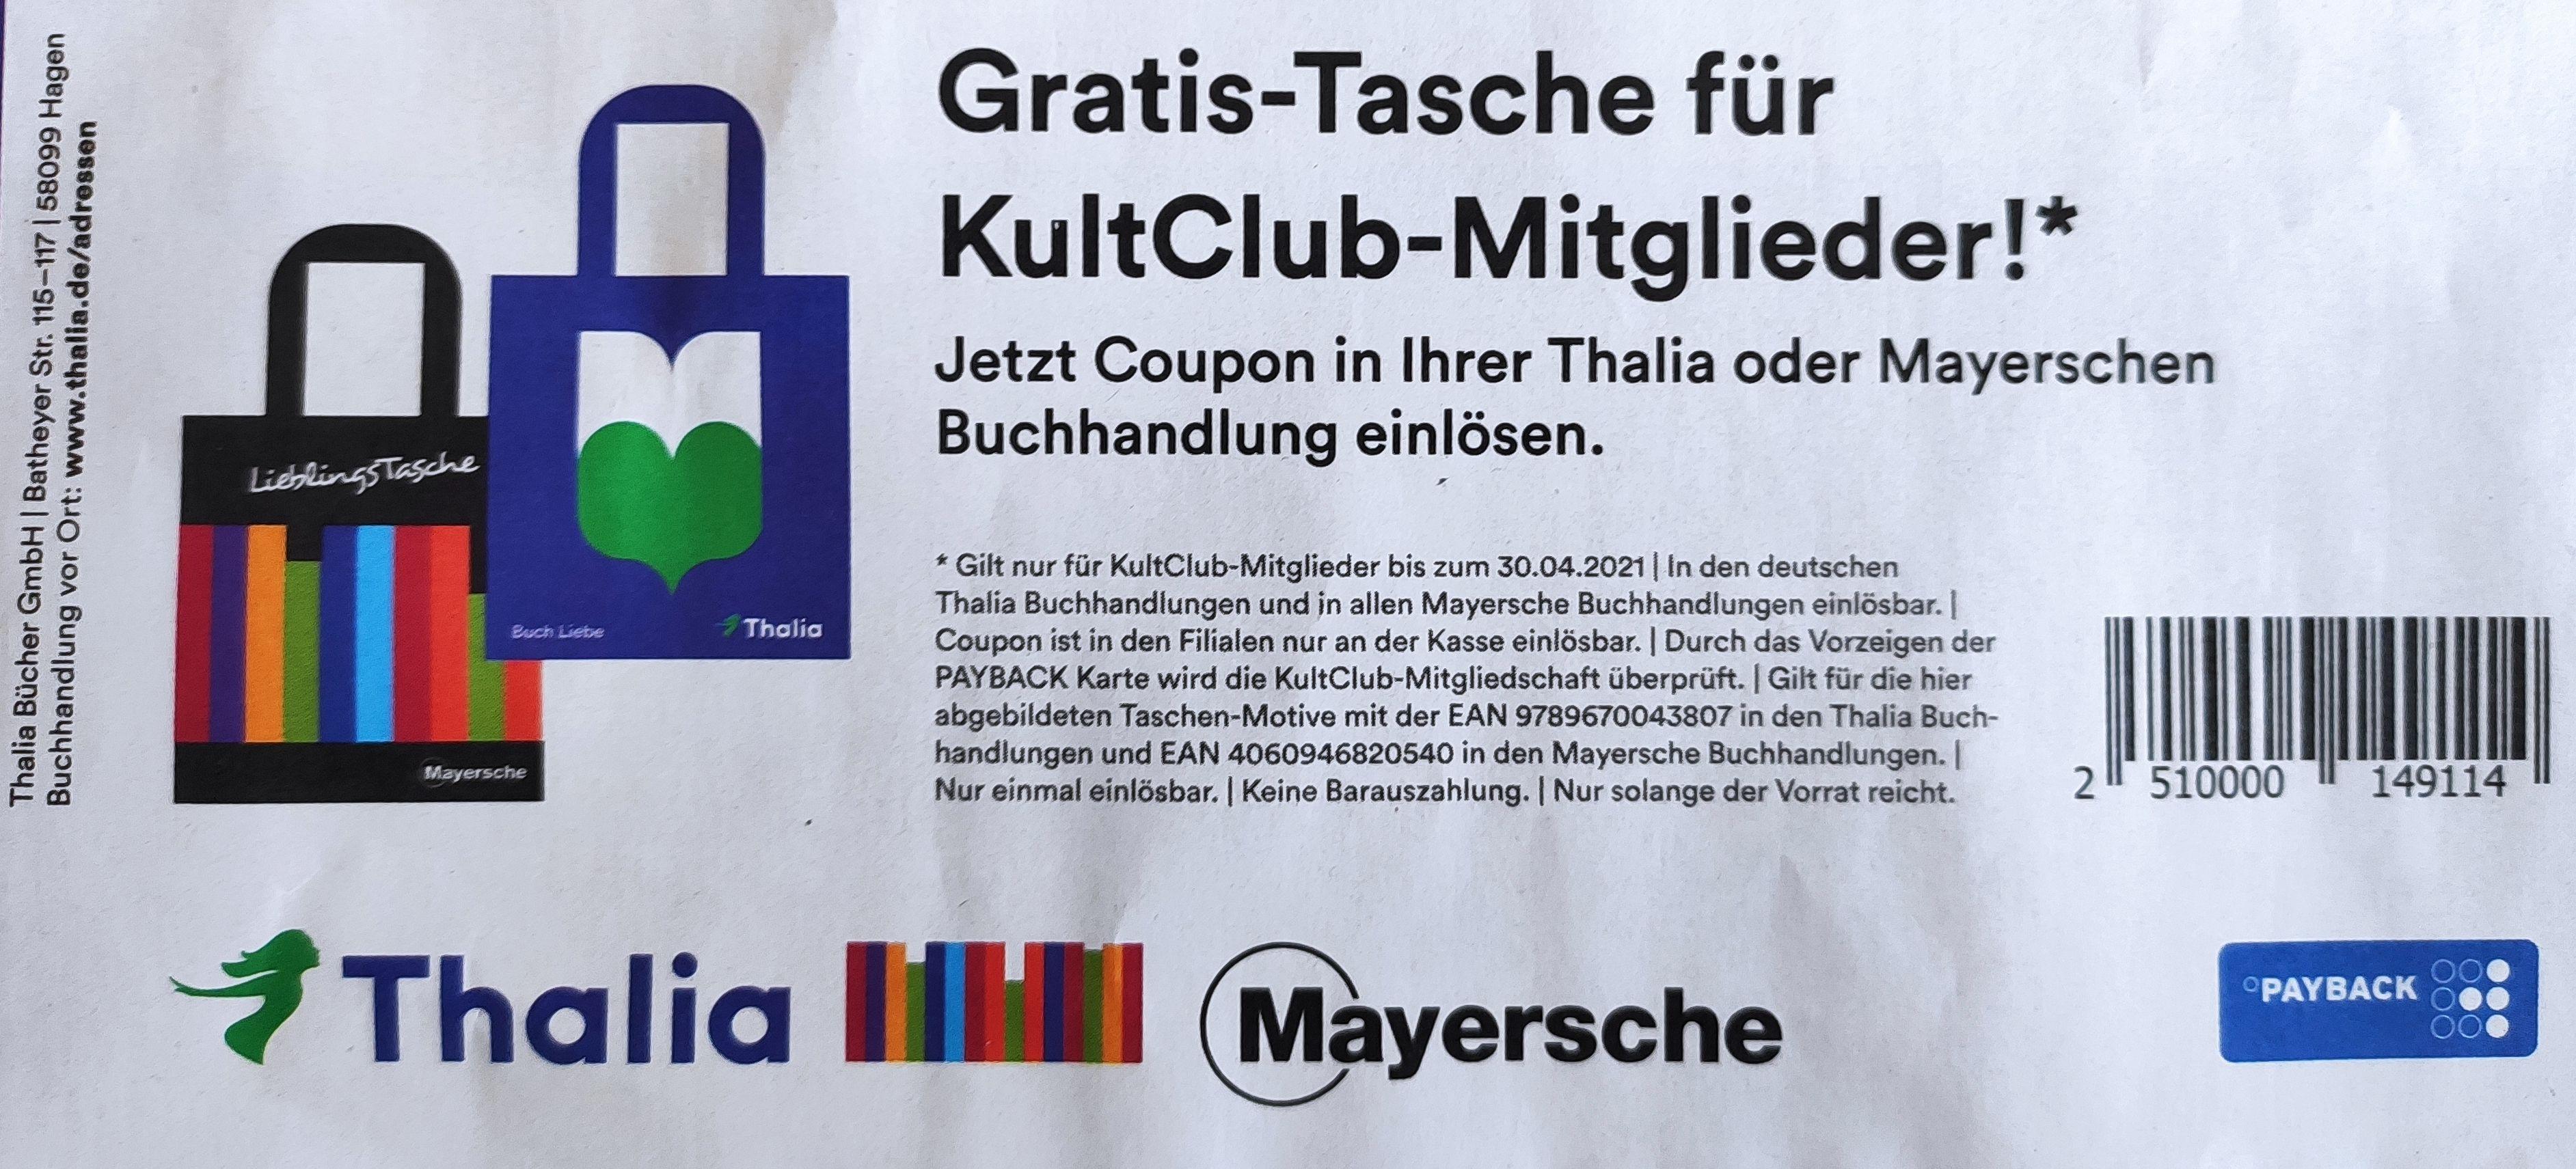 Gratis-Tasche für KultClub-Mitglieder bei Thalia oder Mayersche (Payback-Karte benötigt)